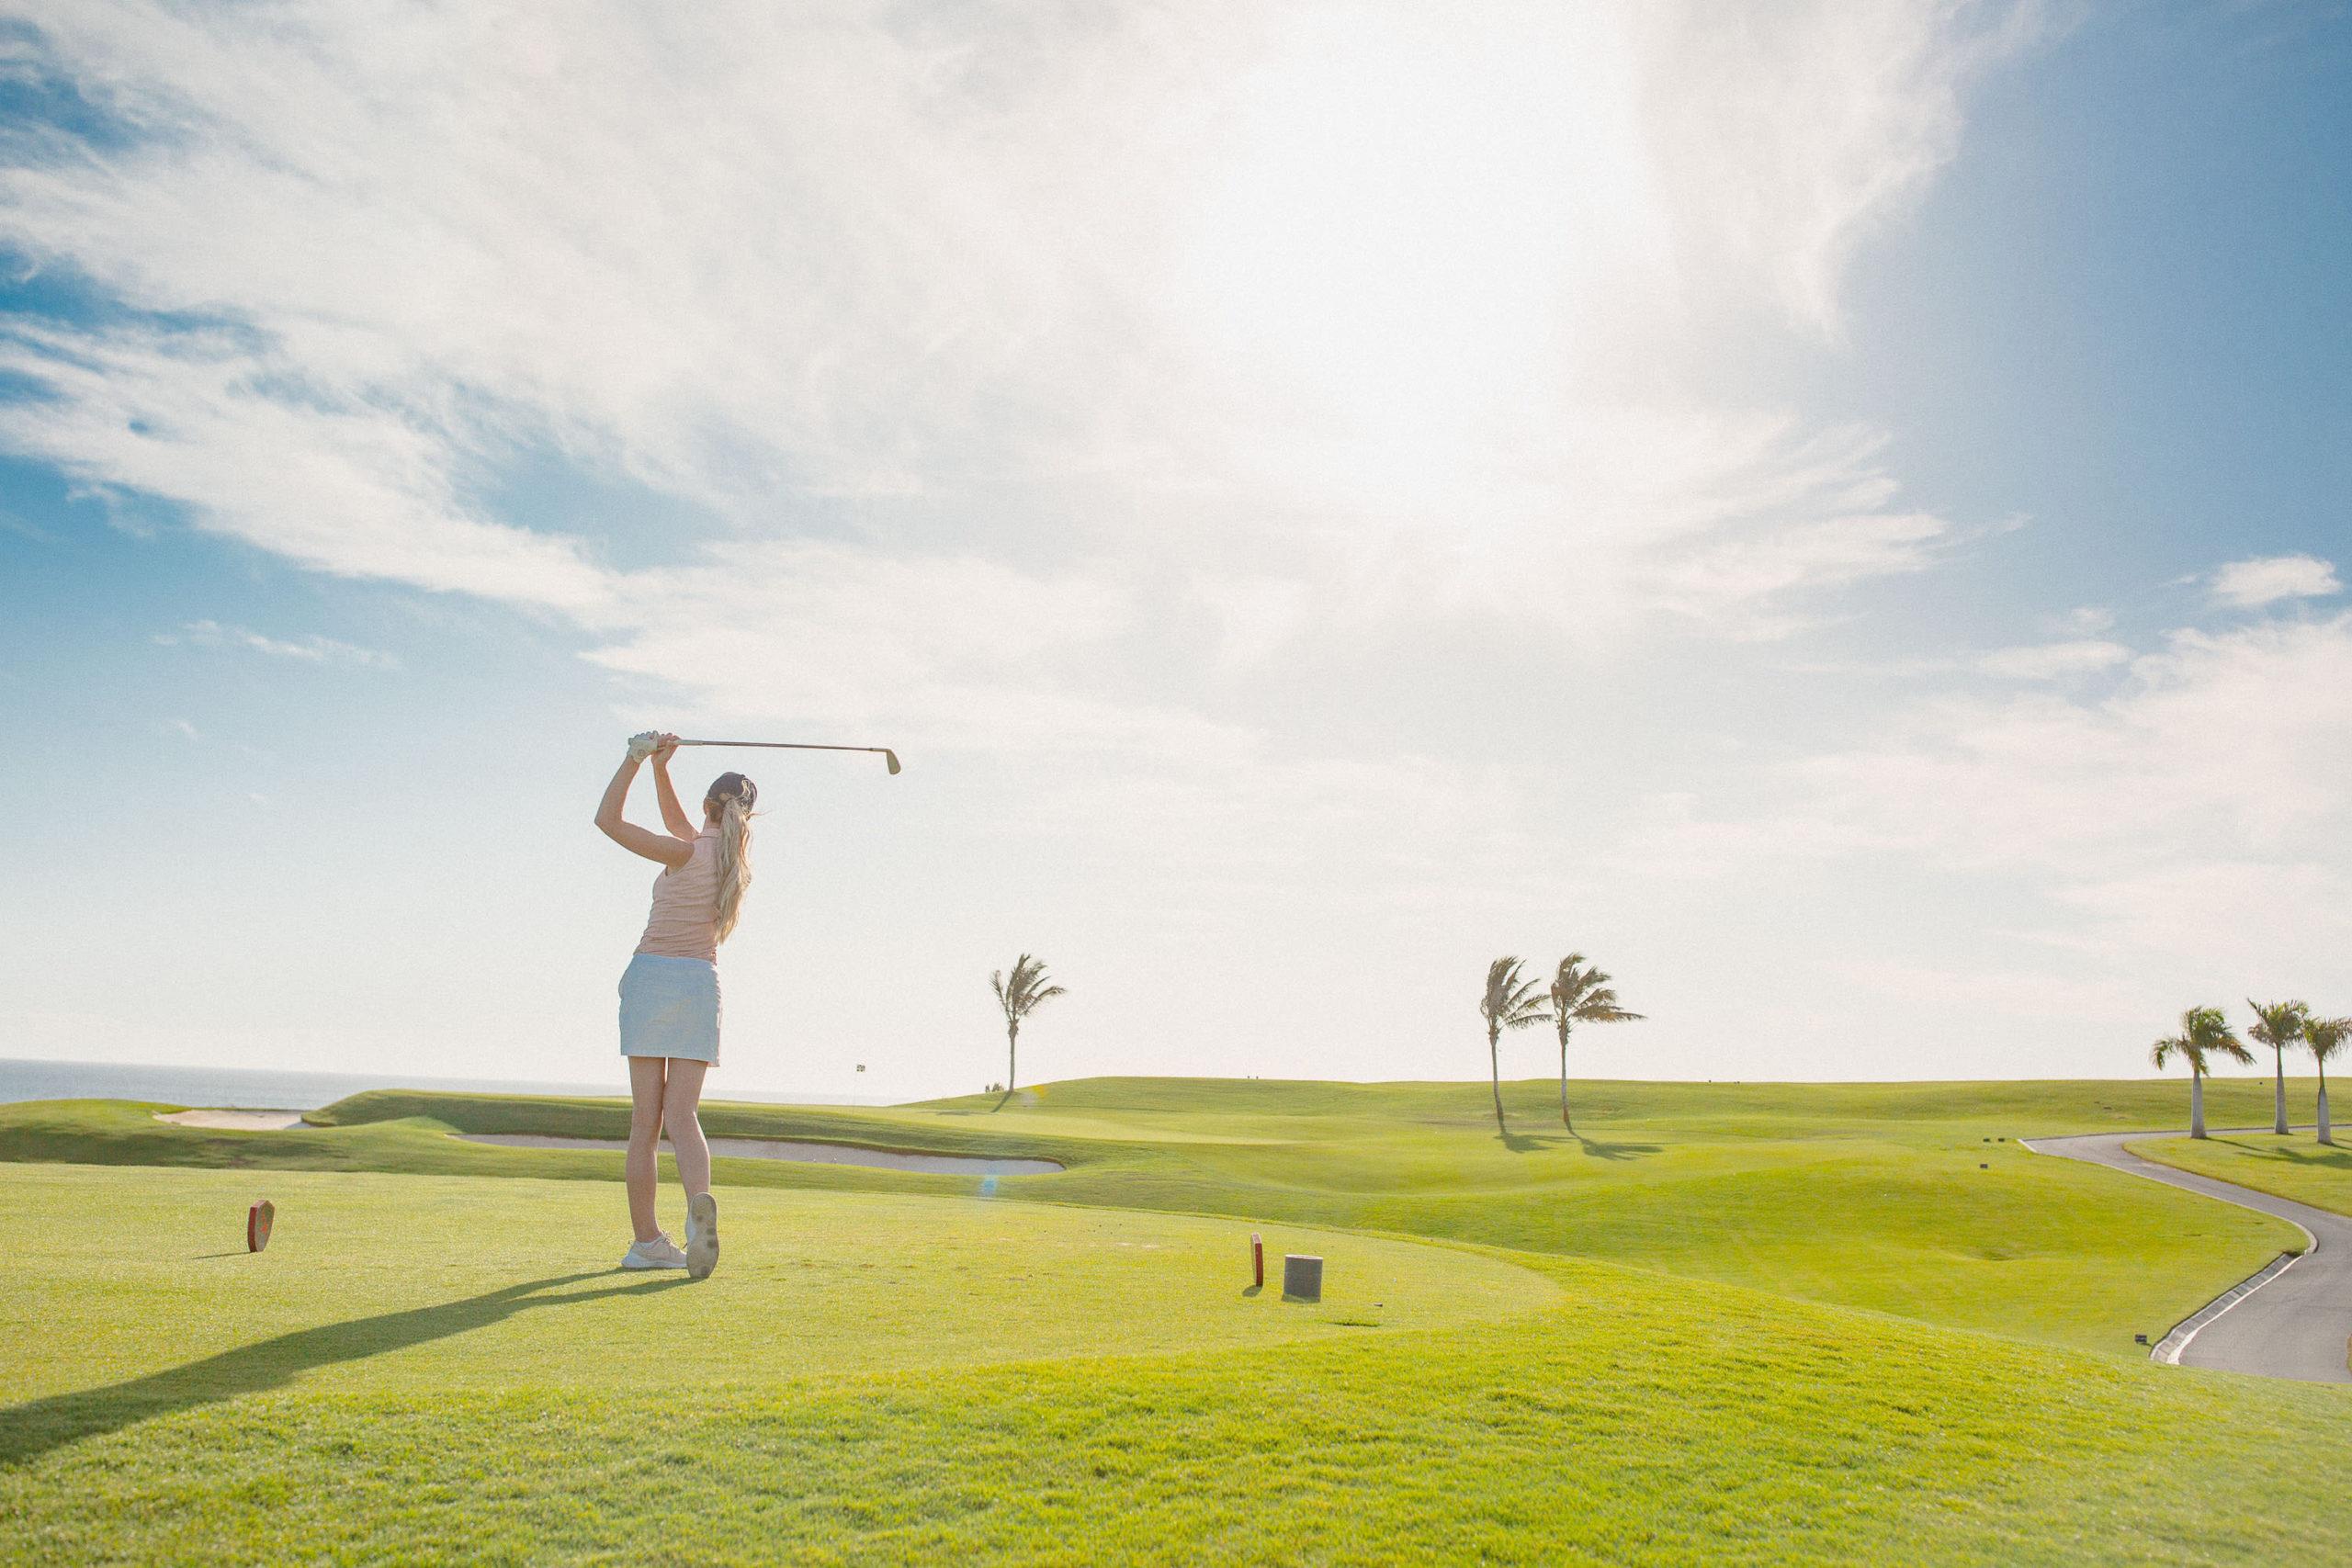 fotografo-de-bodas-las-palmas-gran-canaria-carlosglez-unbuenmomento-gran-canaria-golf-19